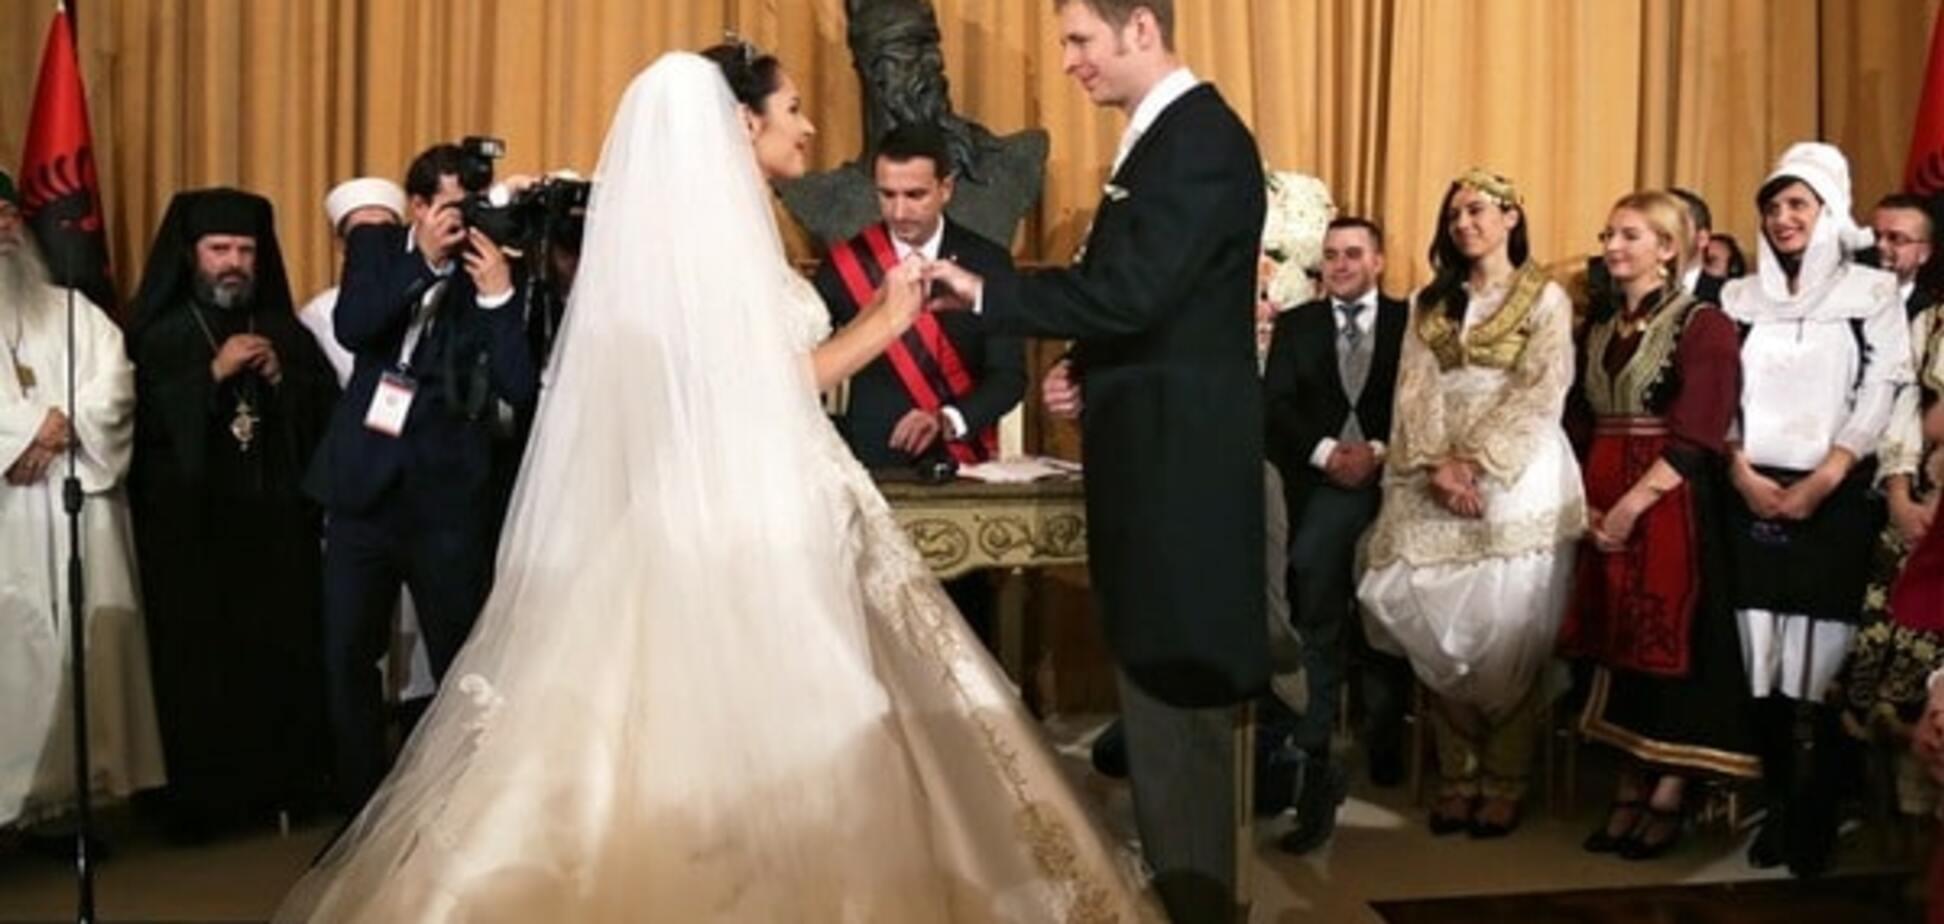 Состоялась свадьба принца Леки II и мисс Элии Захарии